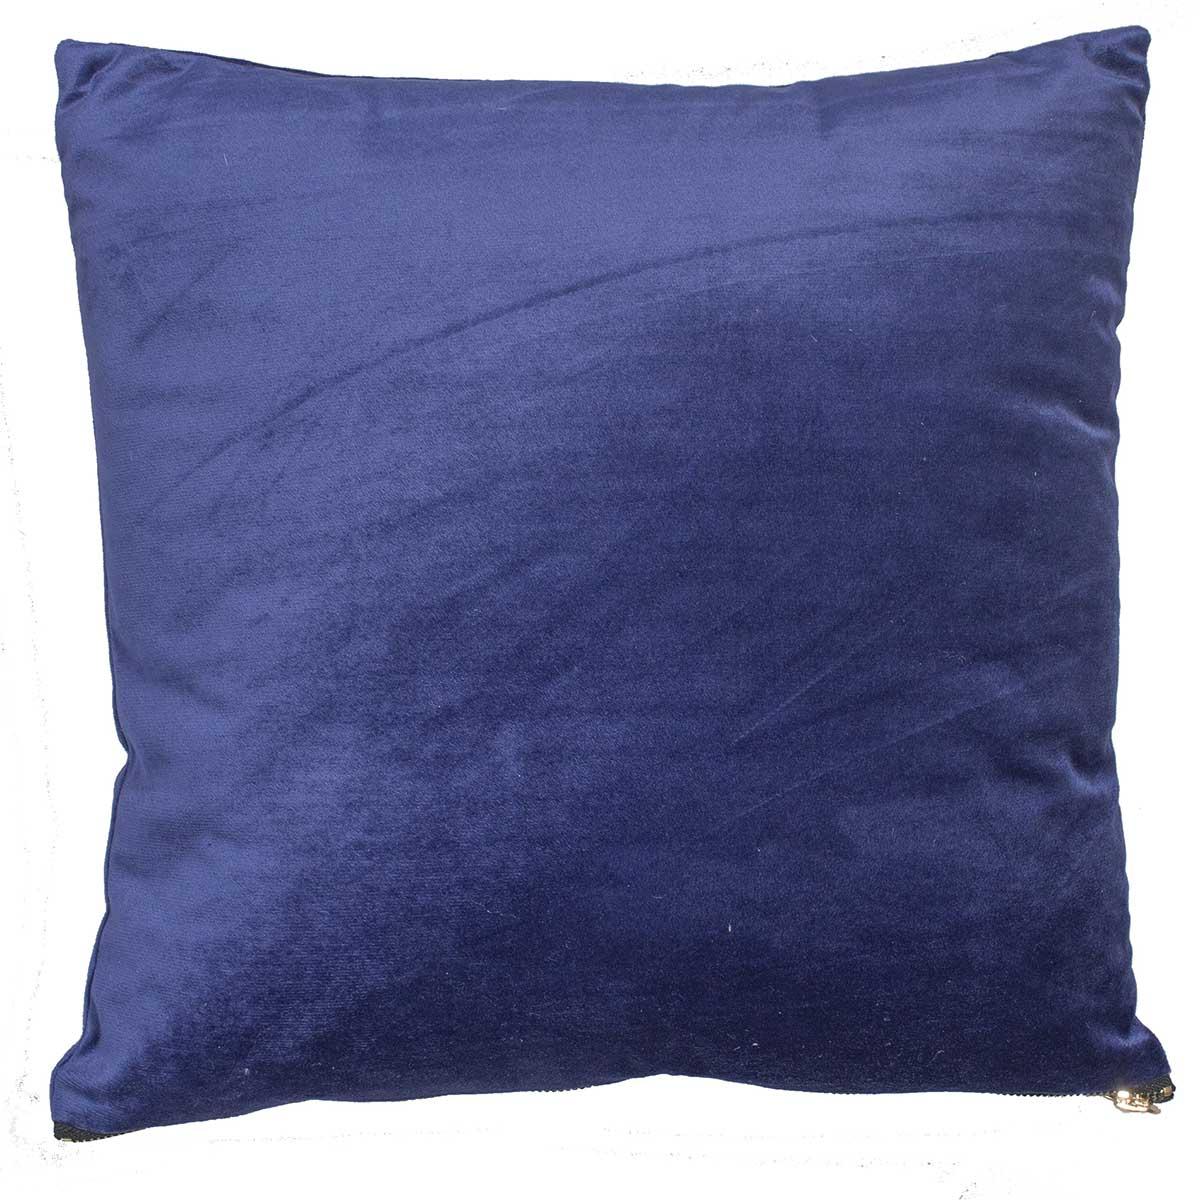 Coussin en velours avec zip déco velours bleu nuit 40x40